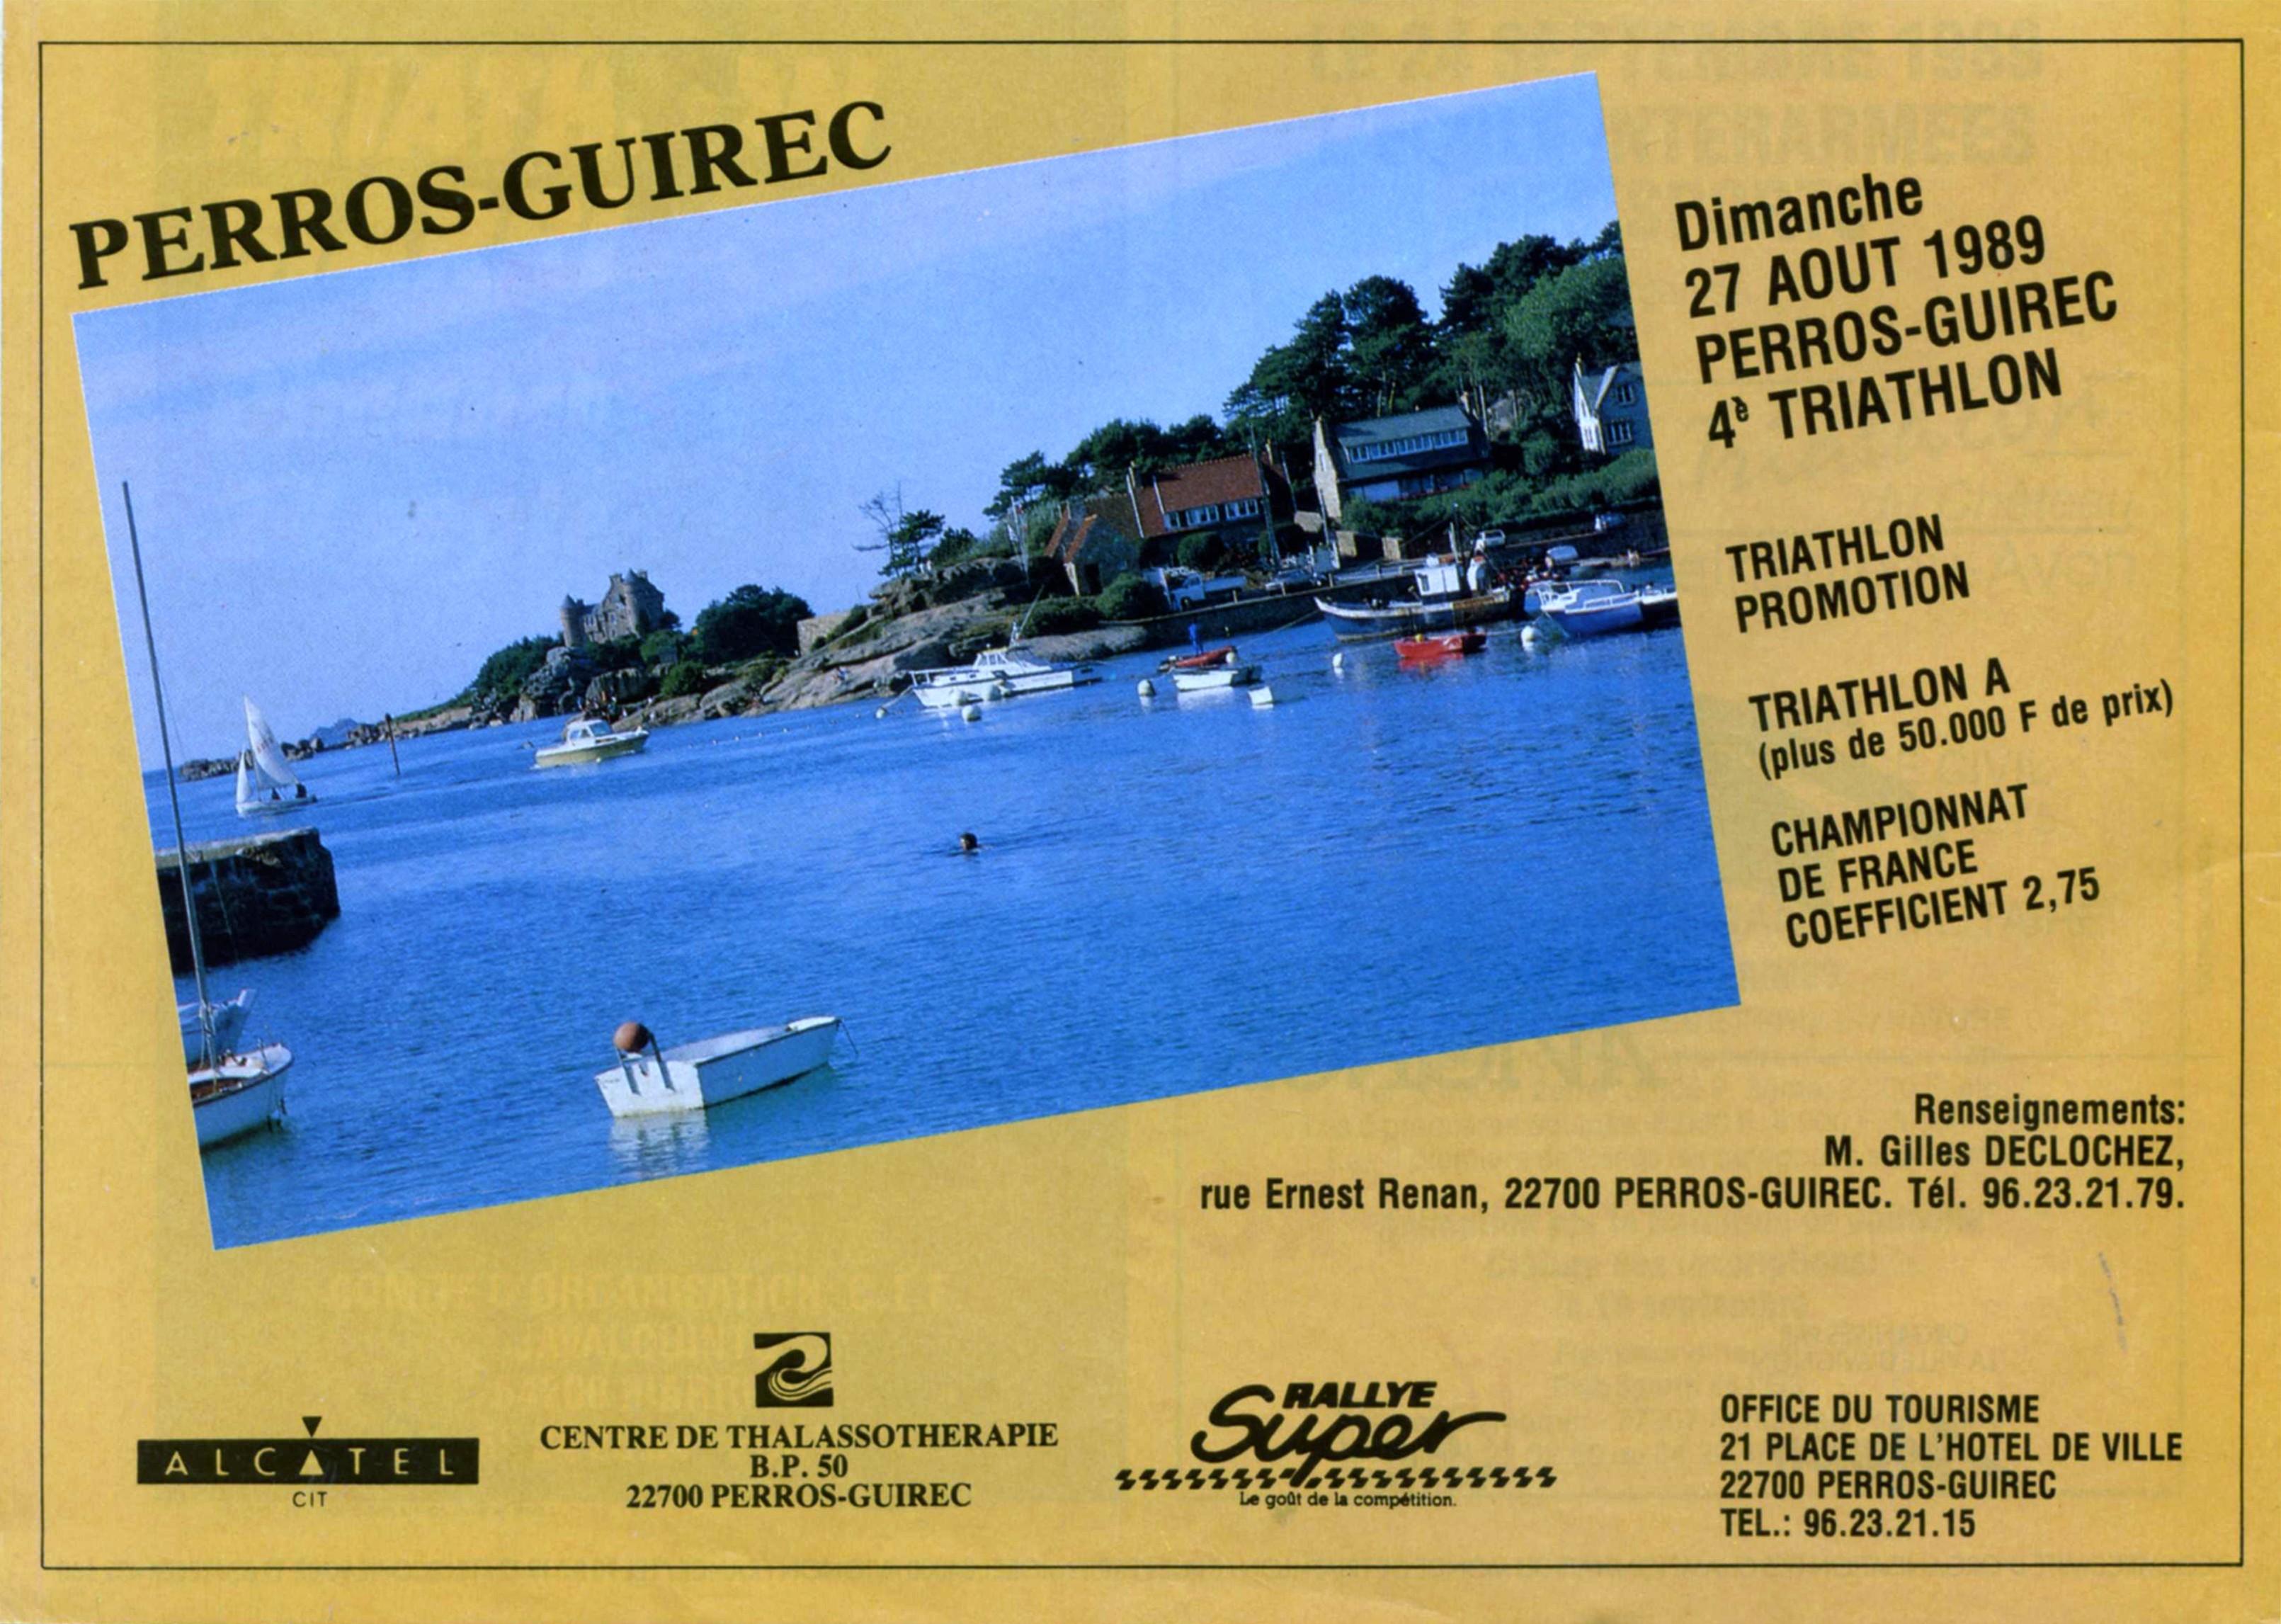 img[A]028_27-AOUT-1989_perros-guirec_résultat